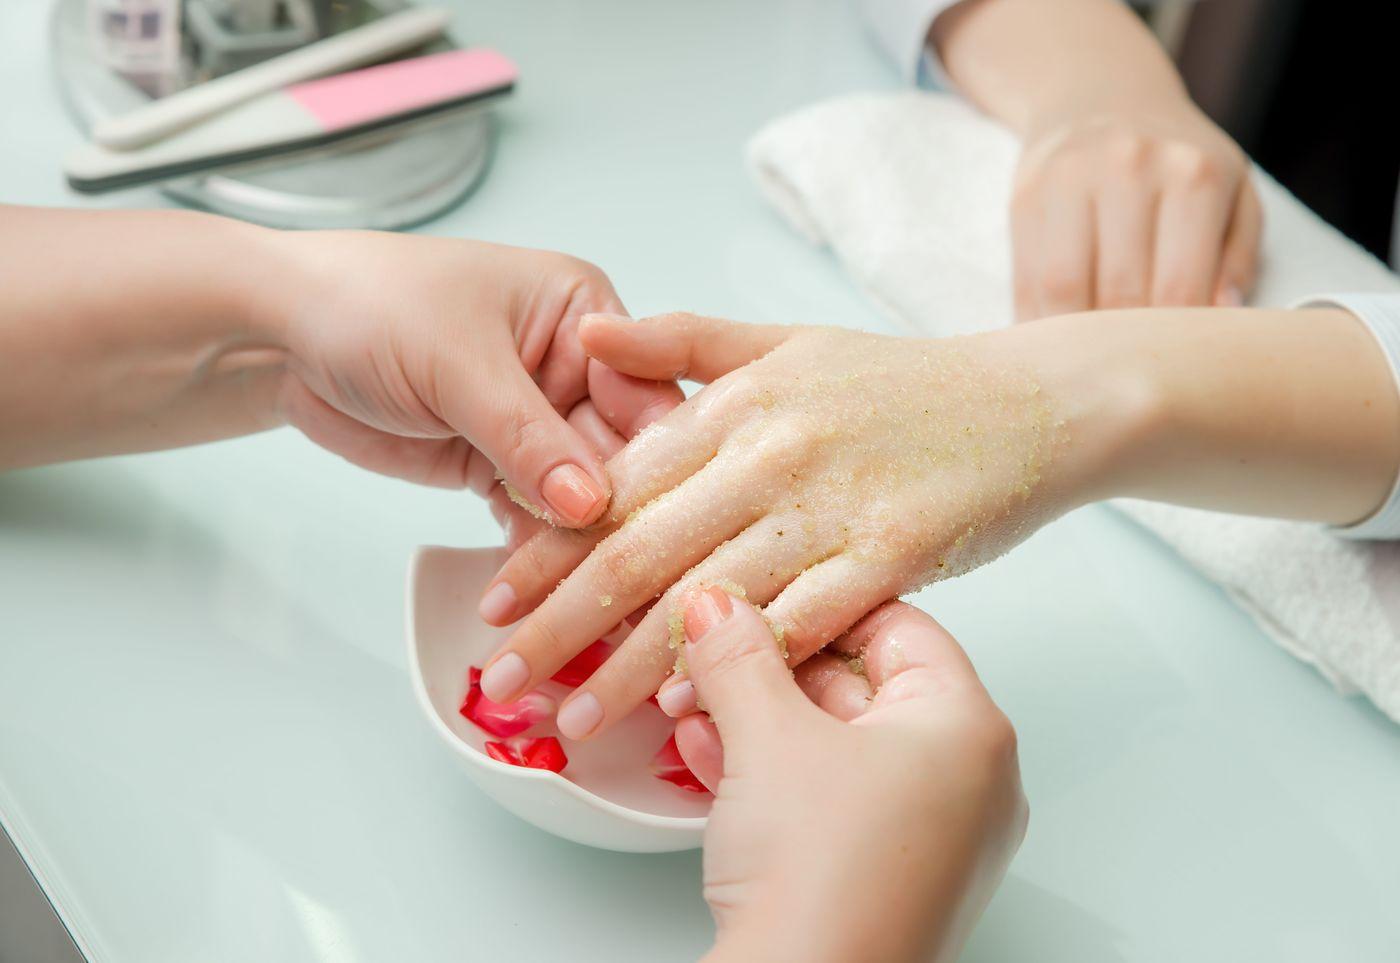 ネイルケアの後のマッサージ、爪もみ療法とは…?の2枚目の画像